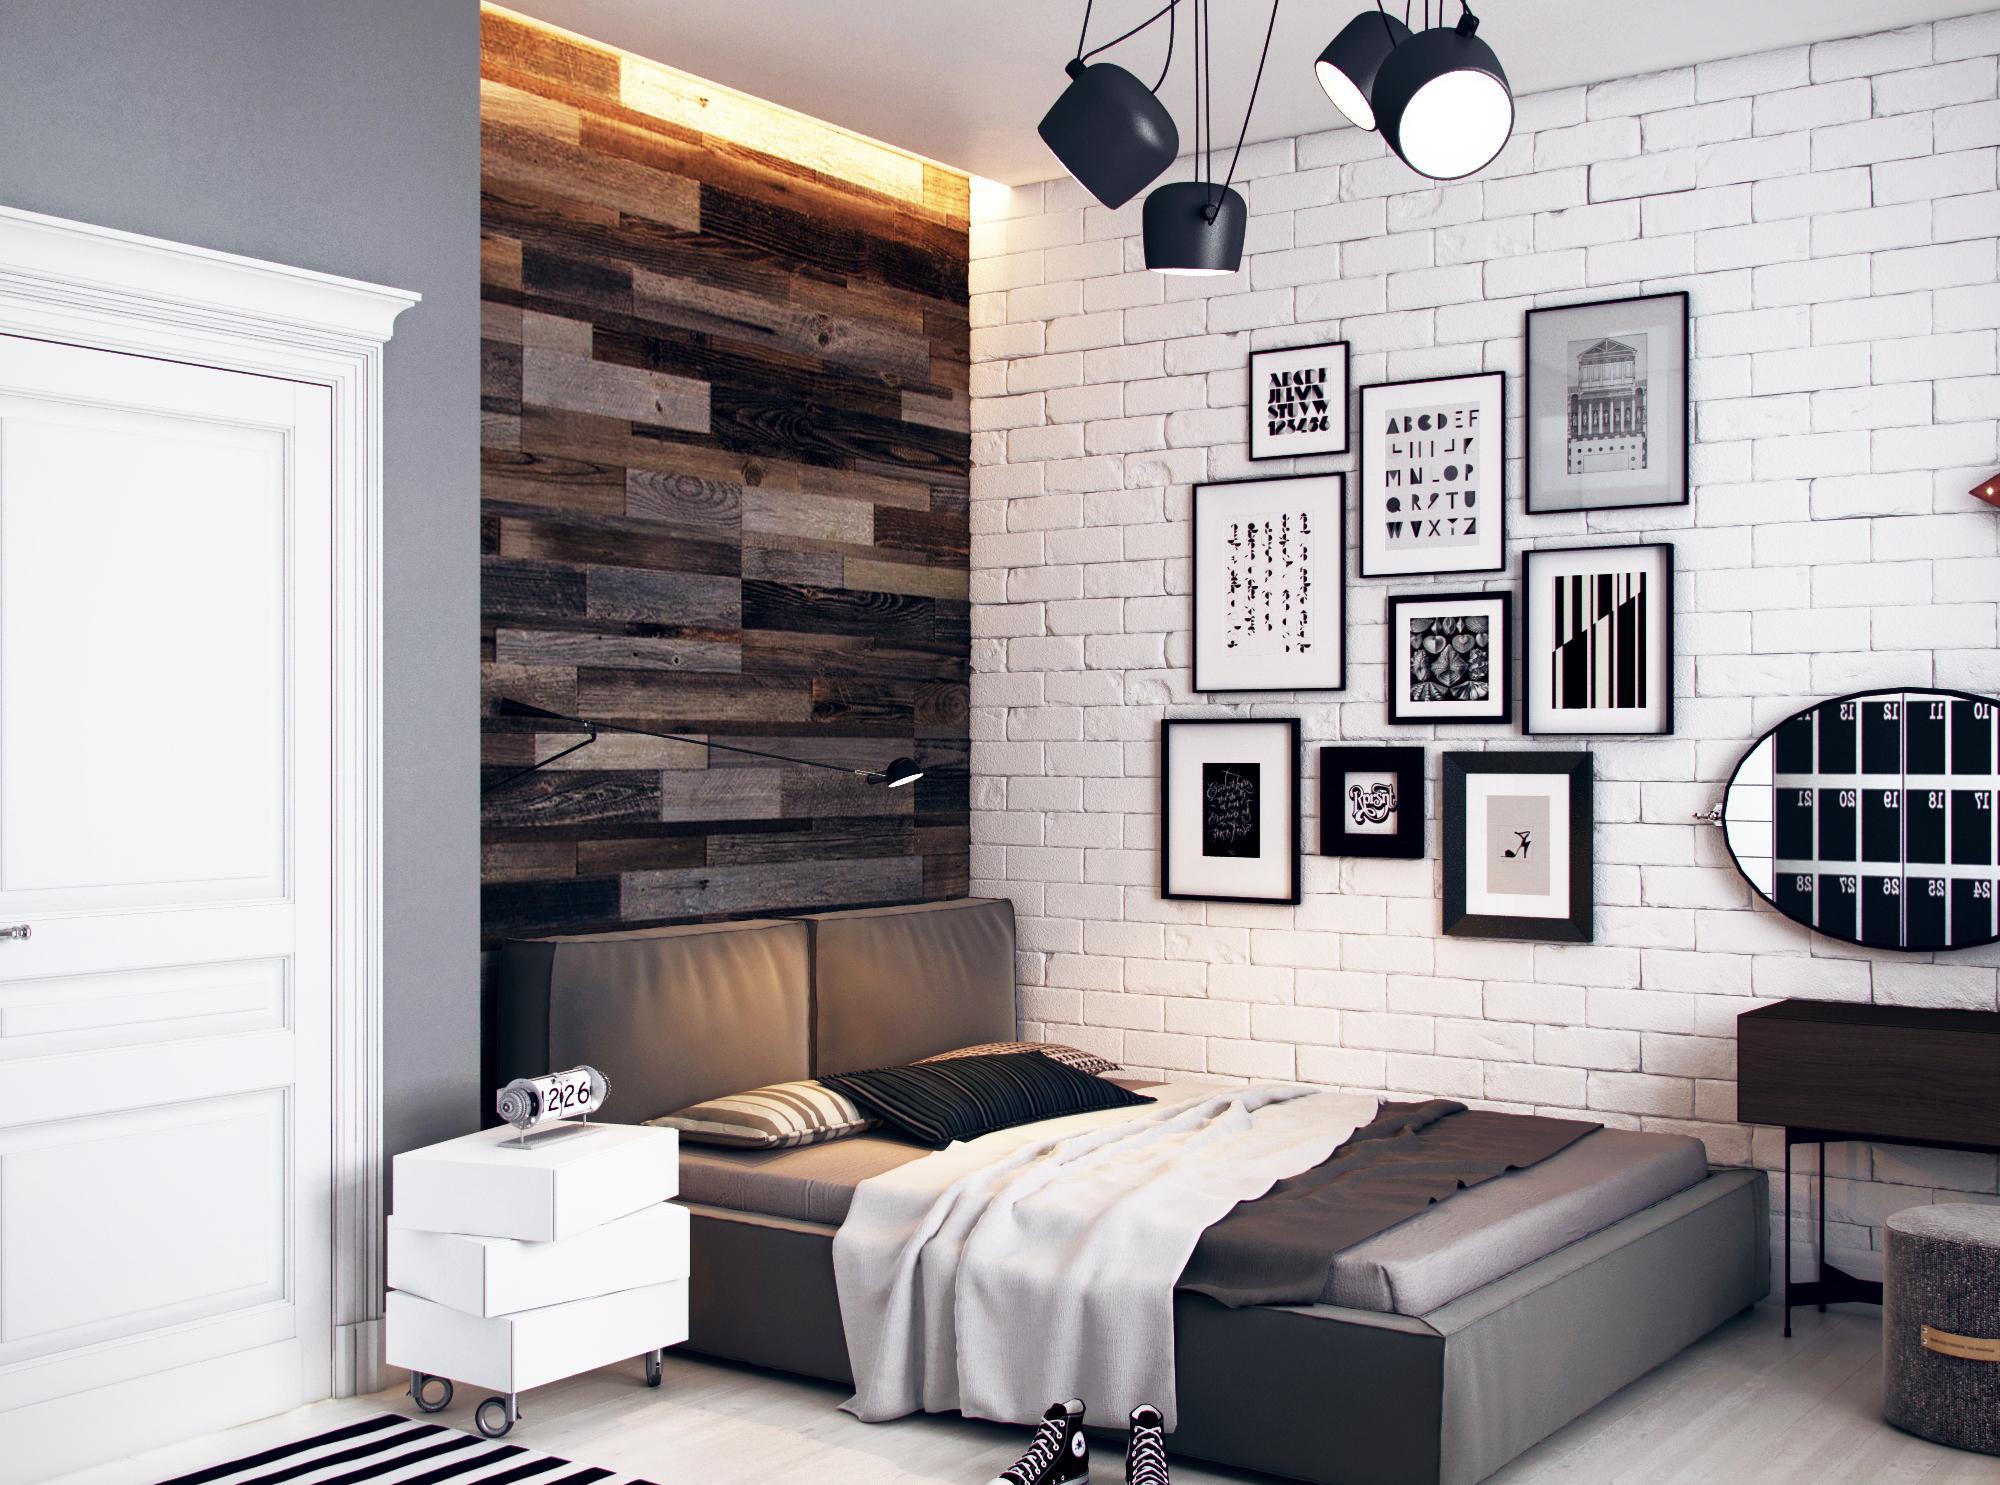 Комната для мальчика подростка с лаконичным дизайном